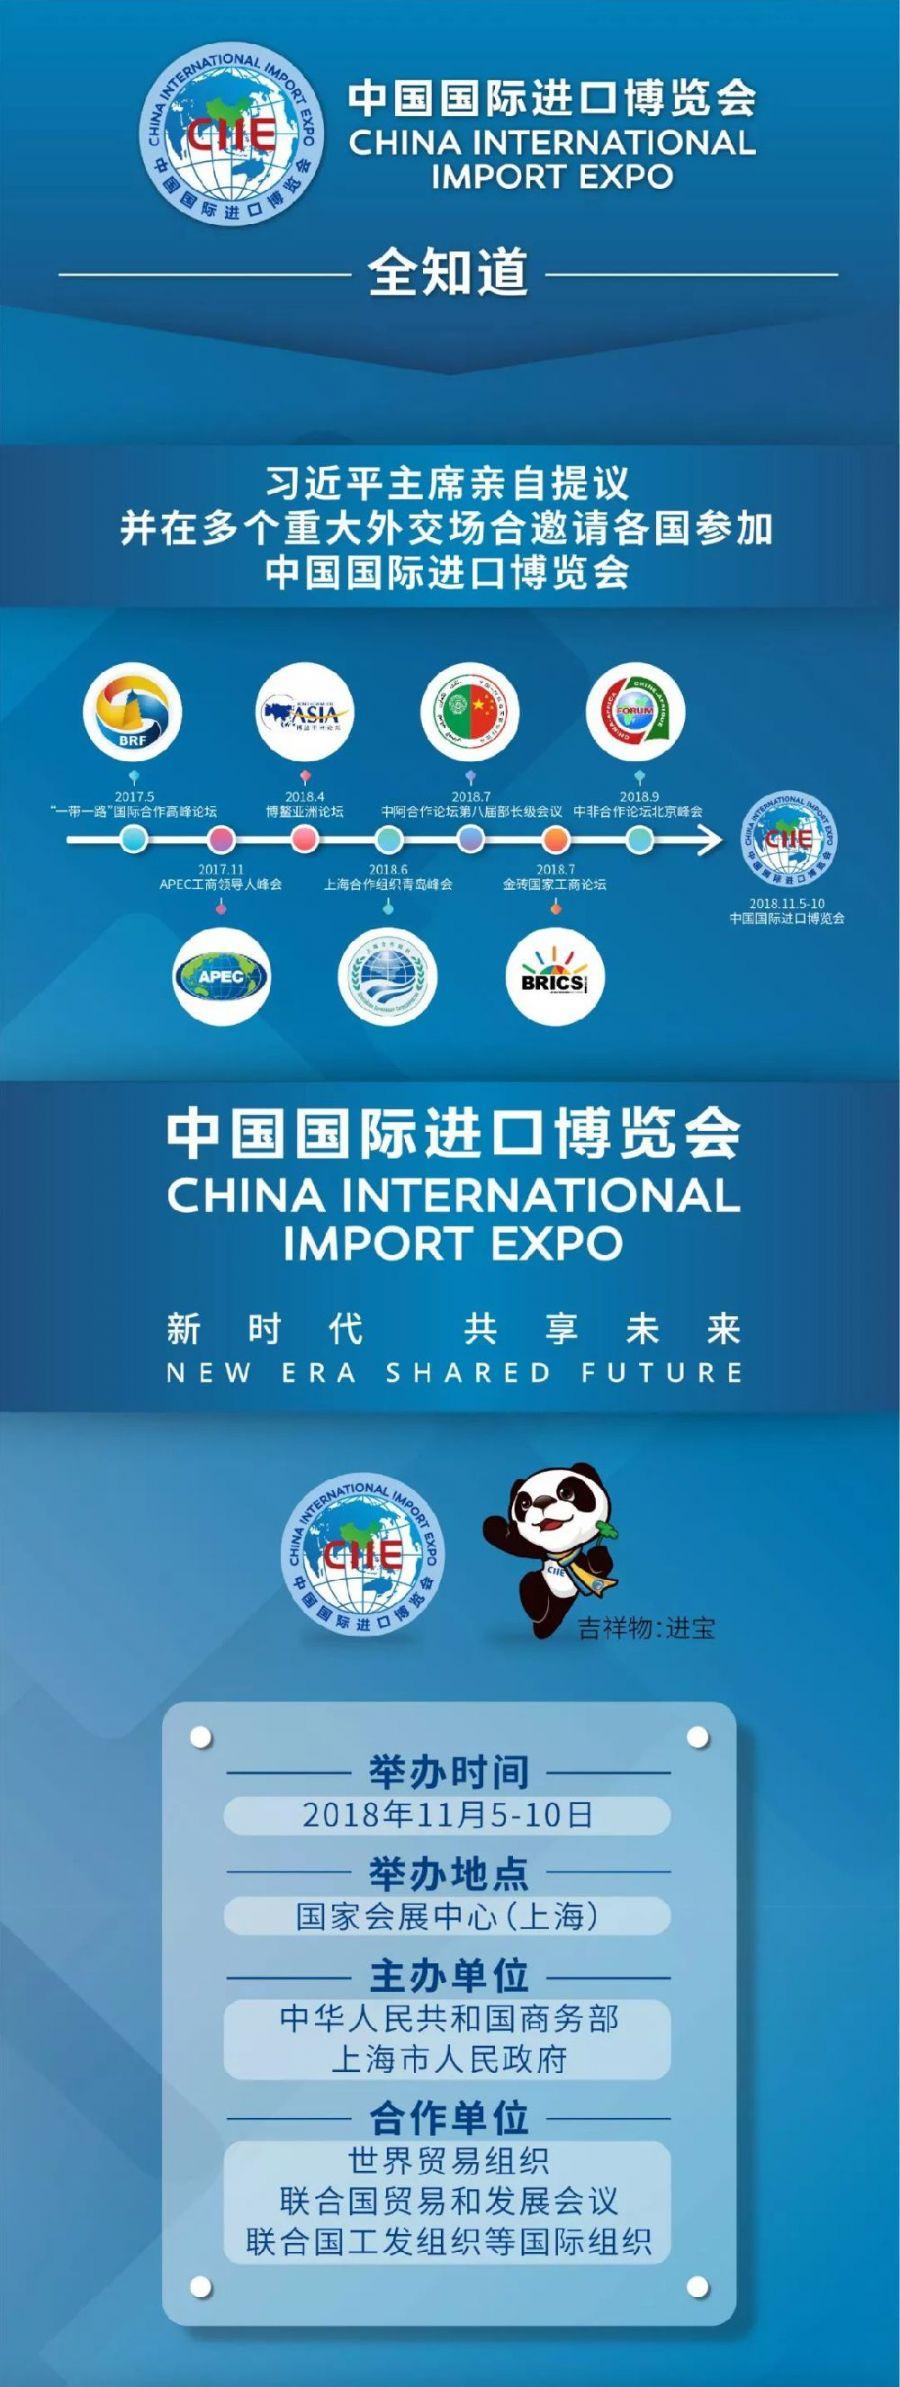 2018首届中国国际进口博览会 (11/5-10 上海)